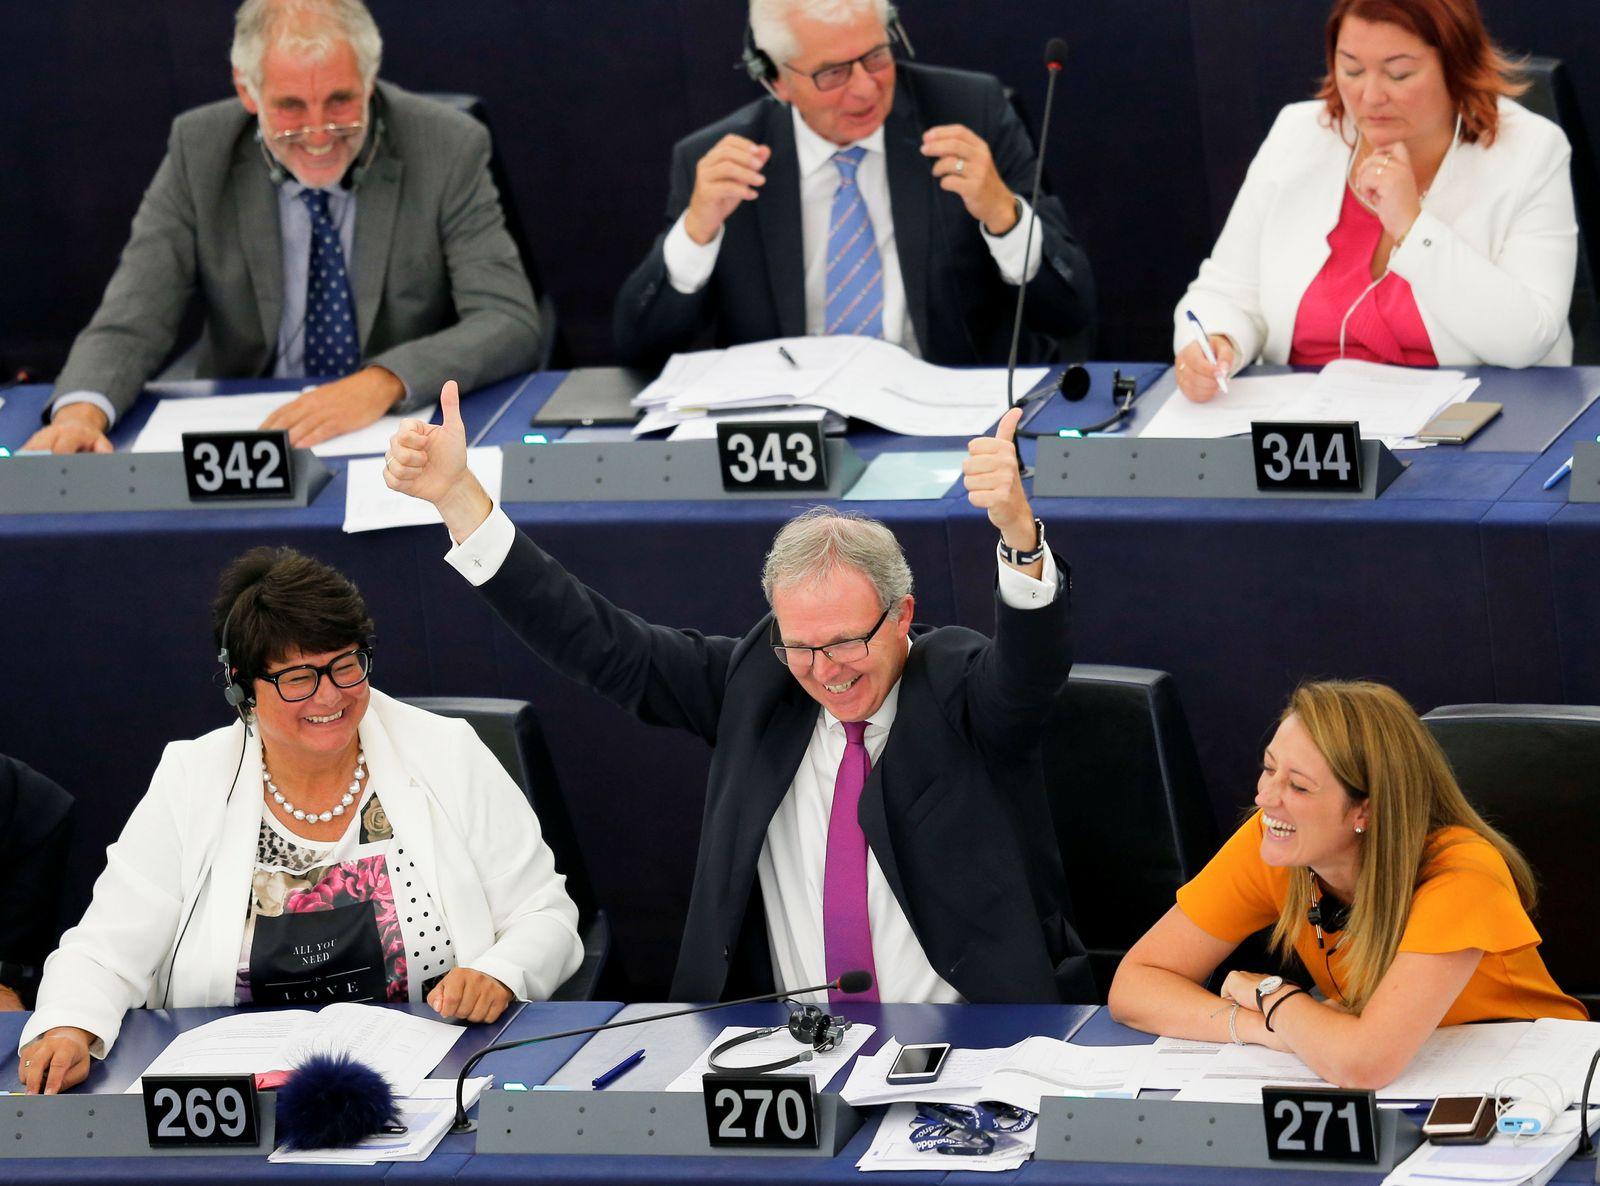 EU-COPYRIGHT/